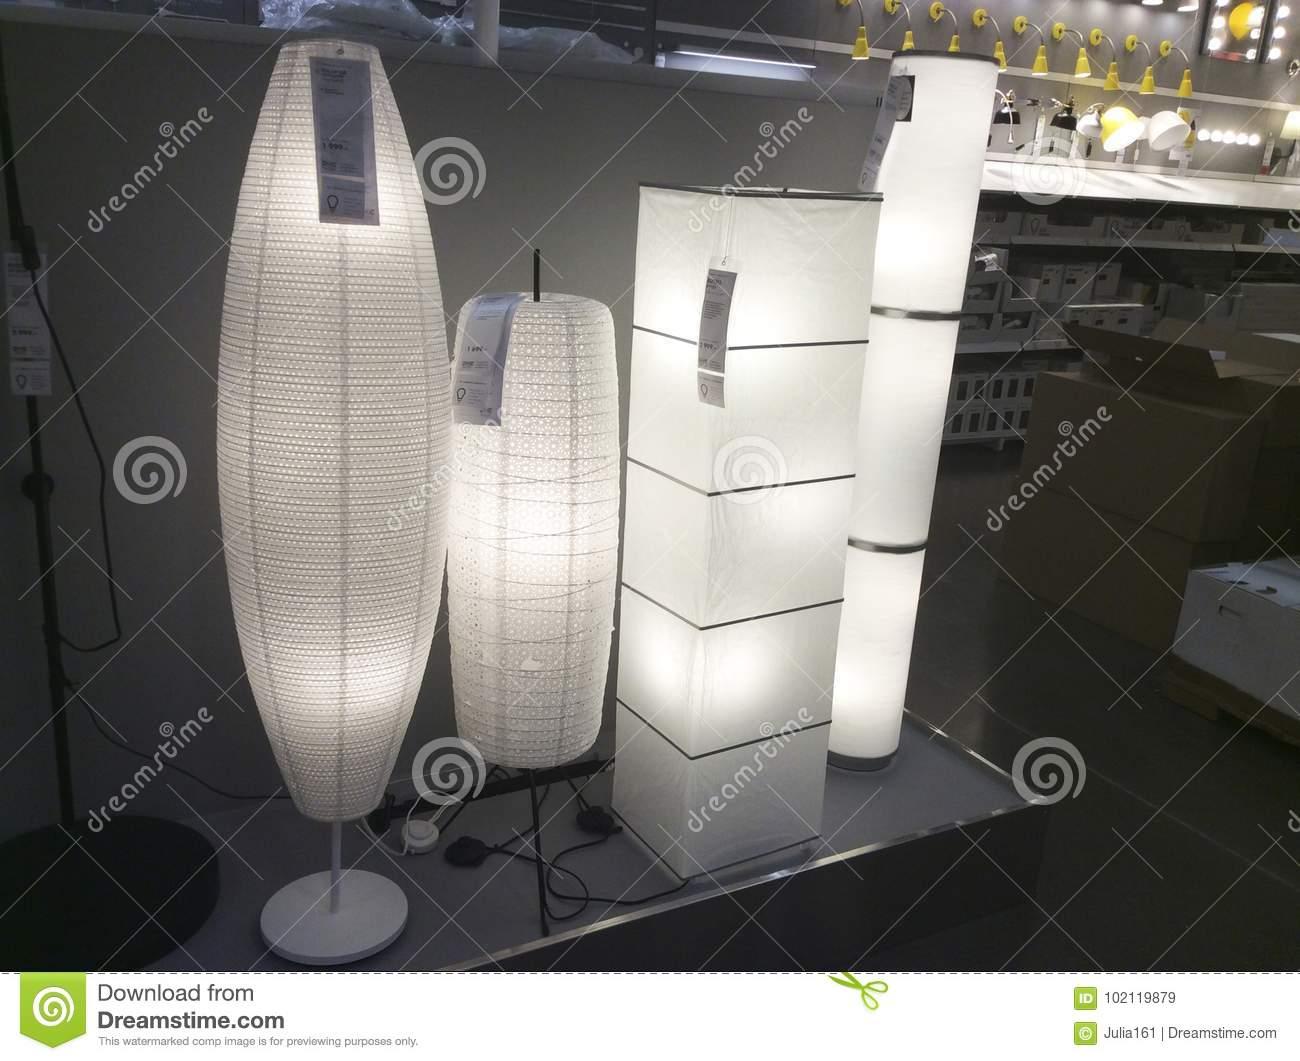 Full Size of Ikea Stehlampen Asiatische Art In Shop Redaktionelles Modulküche Miniküche Küche Kosten Betten Bei Sofa Mit Schlaffunktion Wohnzimmer 160x200 Kaufen Wohnzimmer Ikea Stehlampen